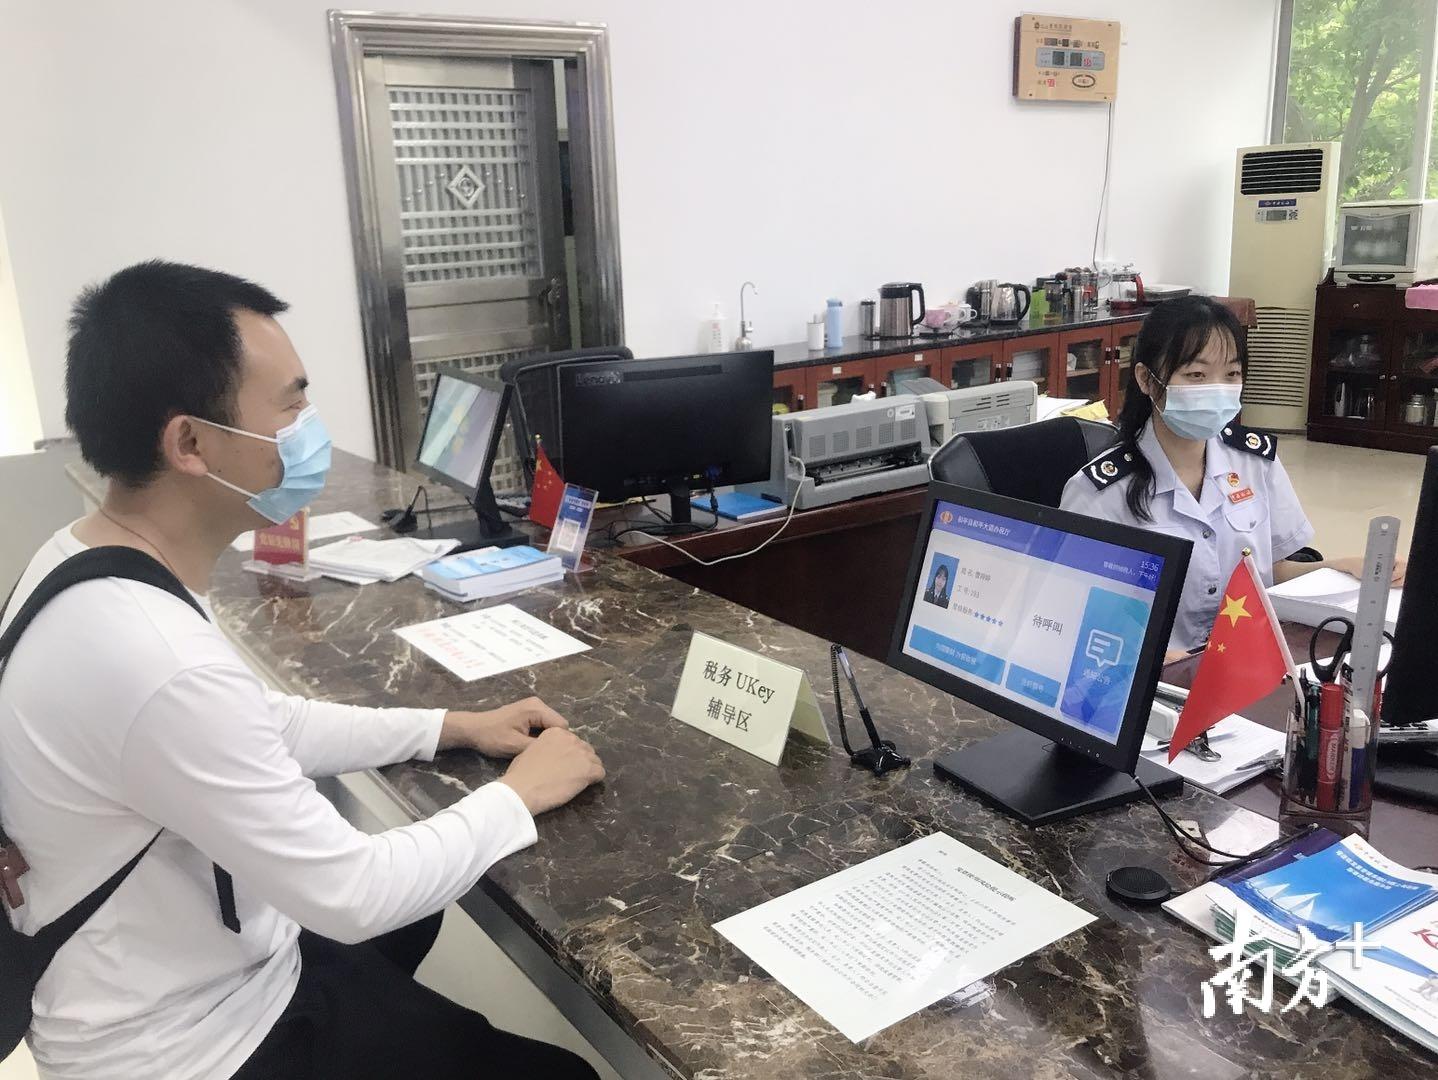 和平县税务局办税服务厅设立税务UKey辅导区,方便纳税人领用税务UKey。罗维宇 摄